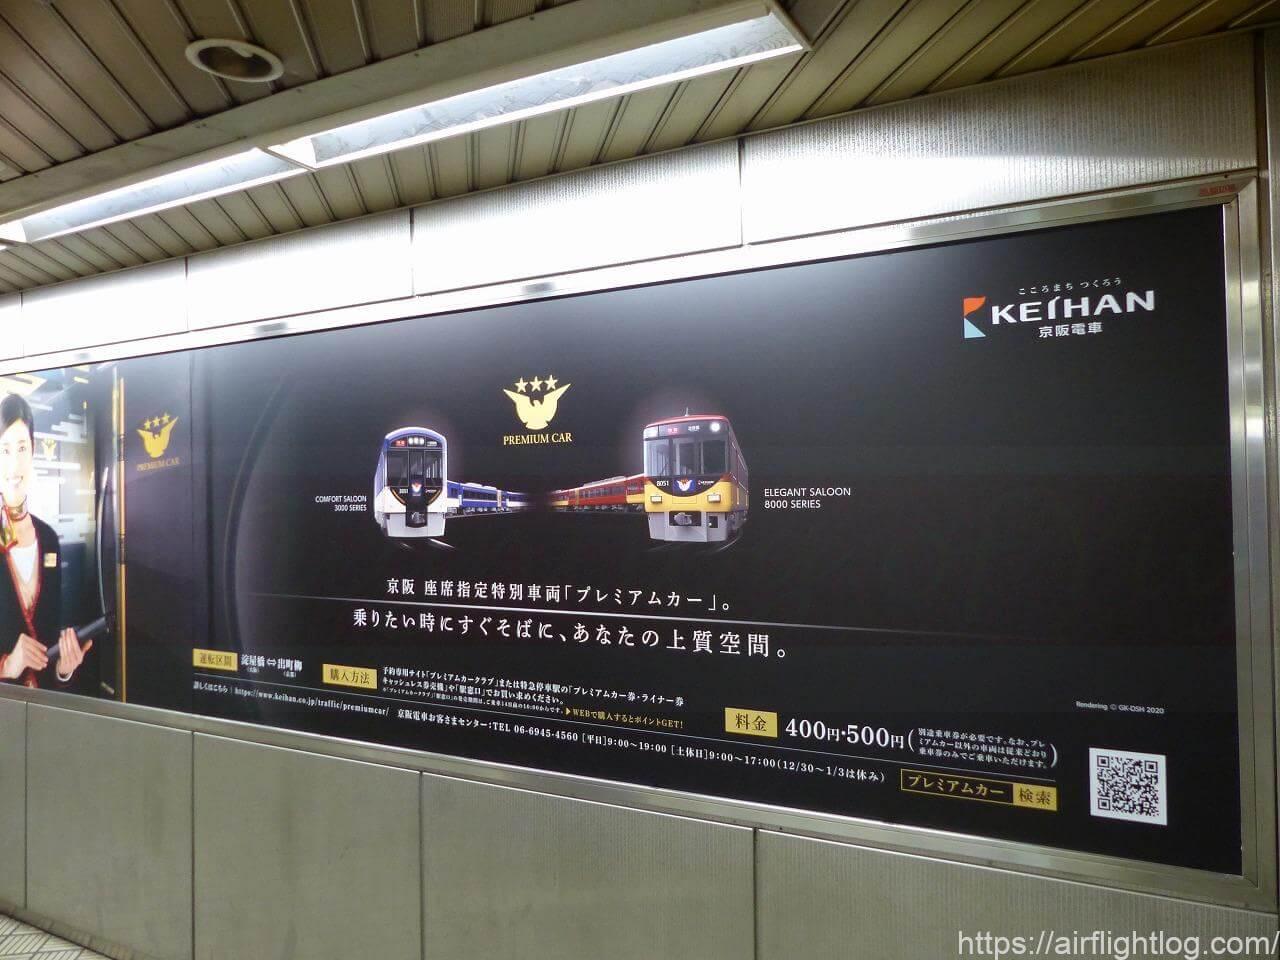 プレミアムカー広告